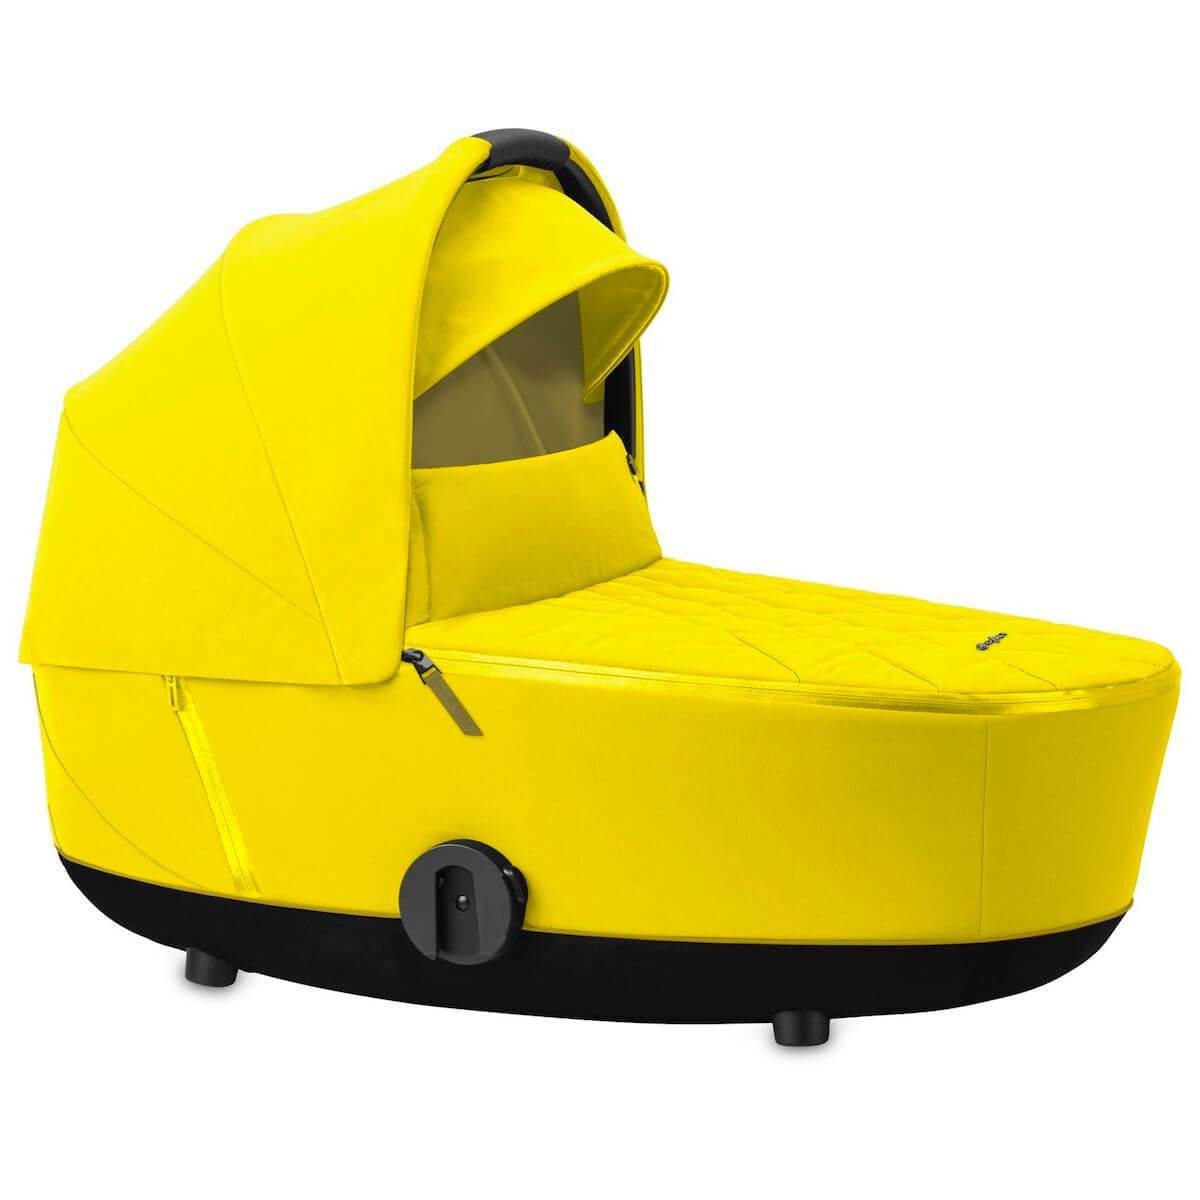 Capazo de luxe MIOS Cybex Mustard yellow-yellow